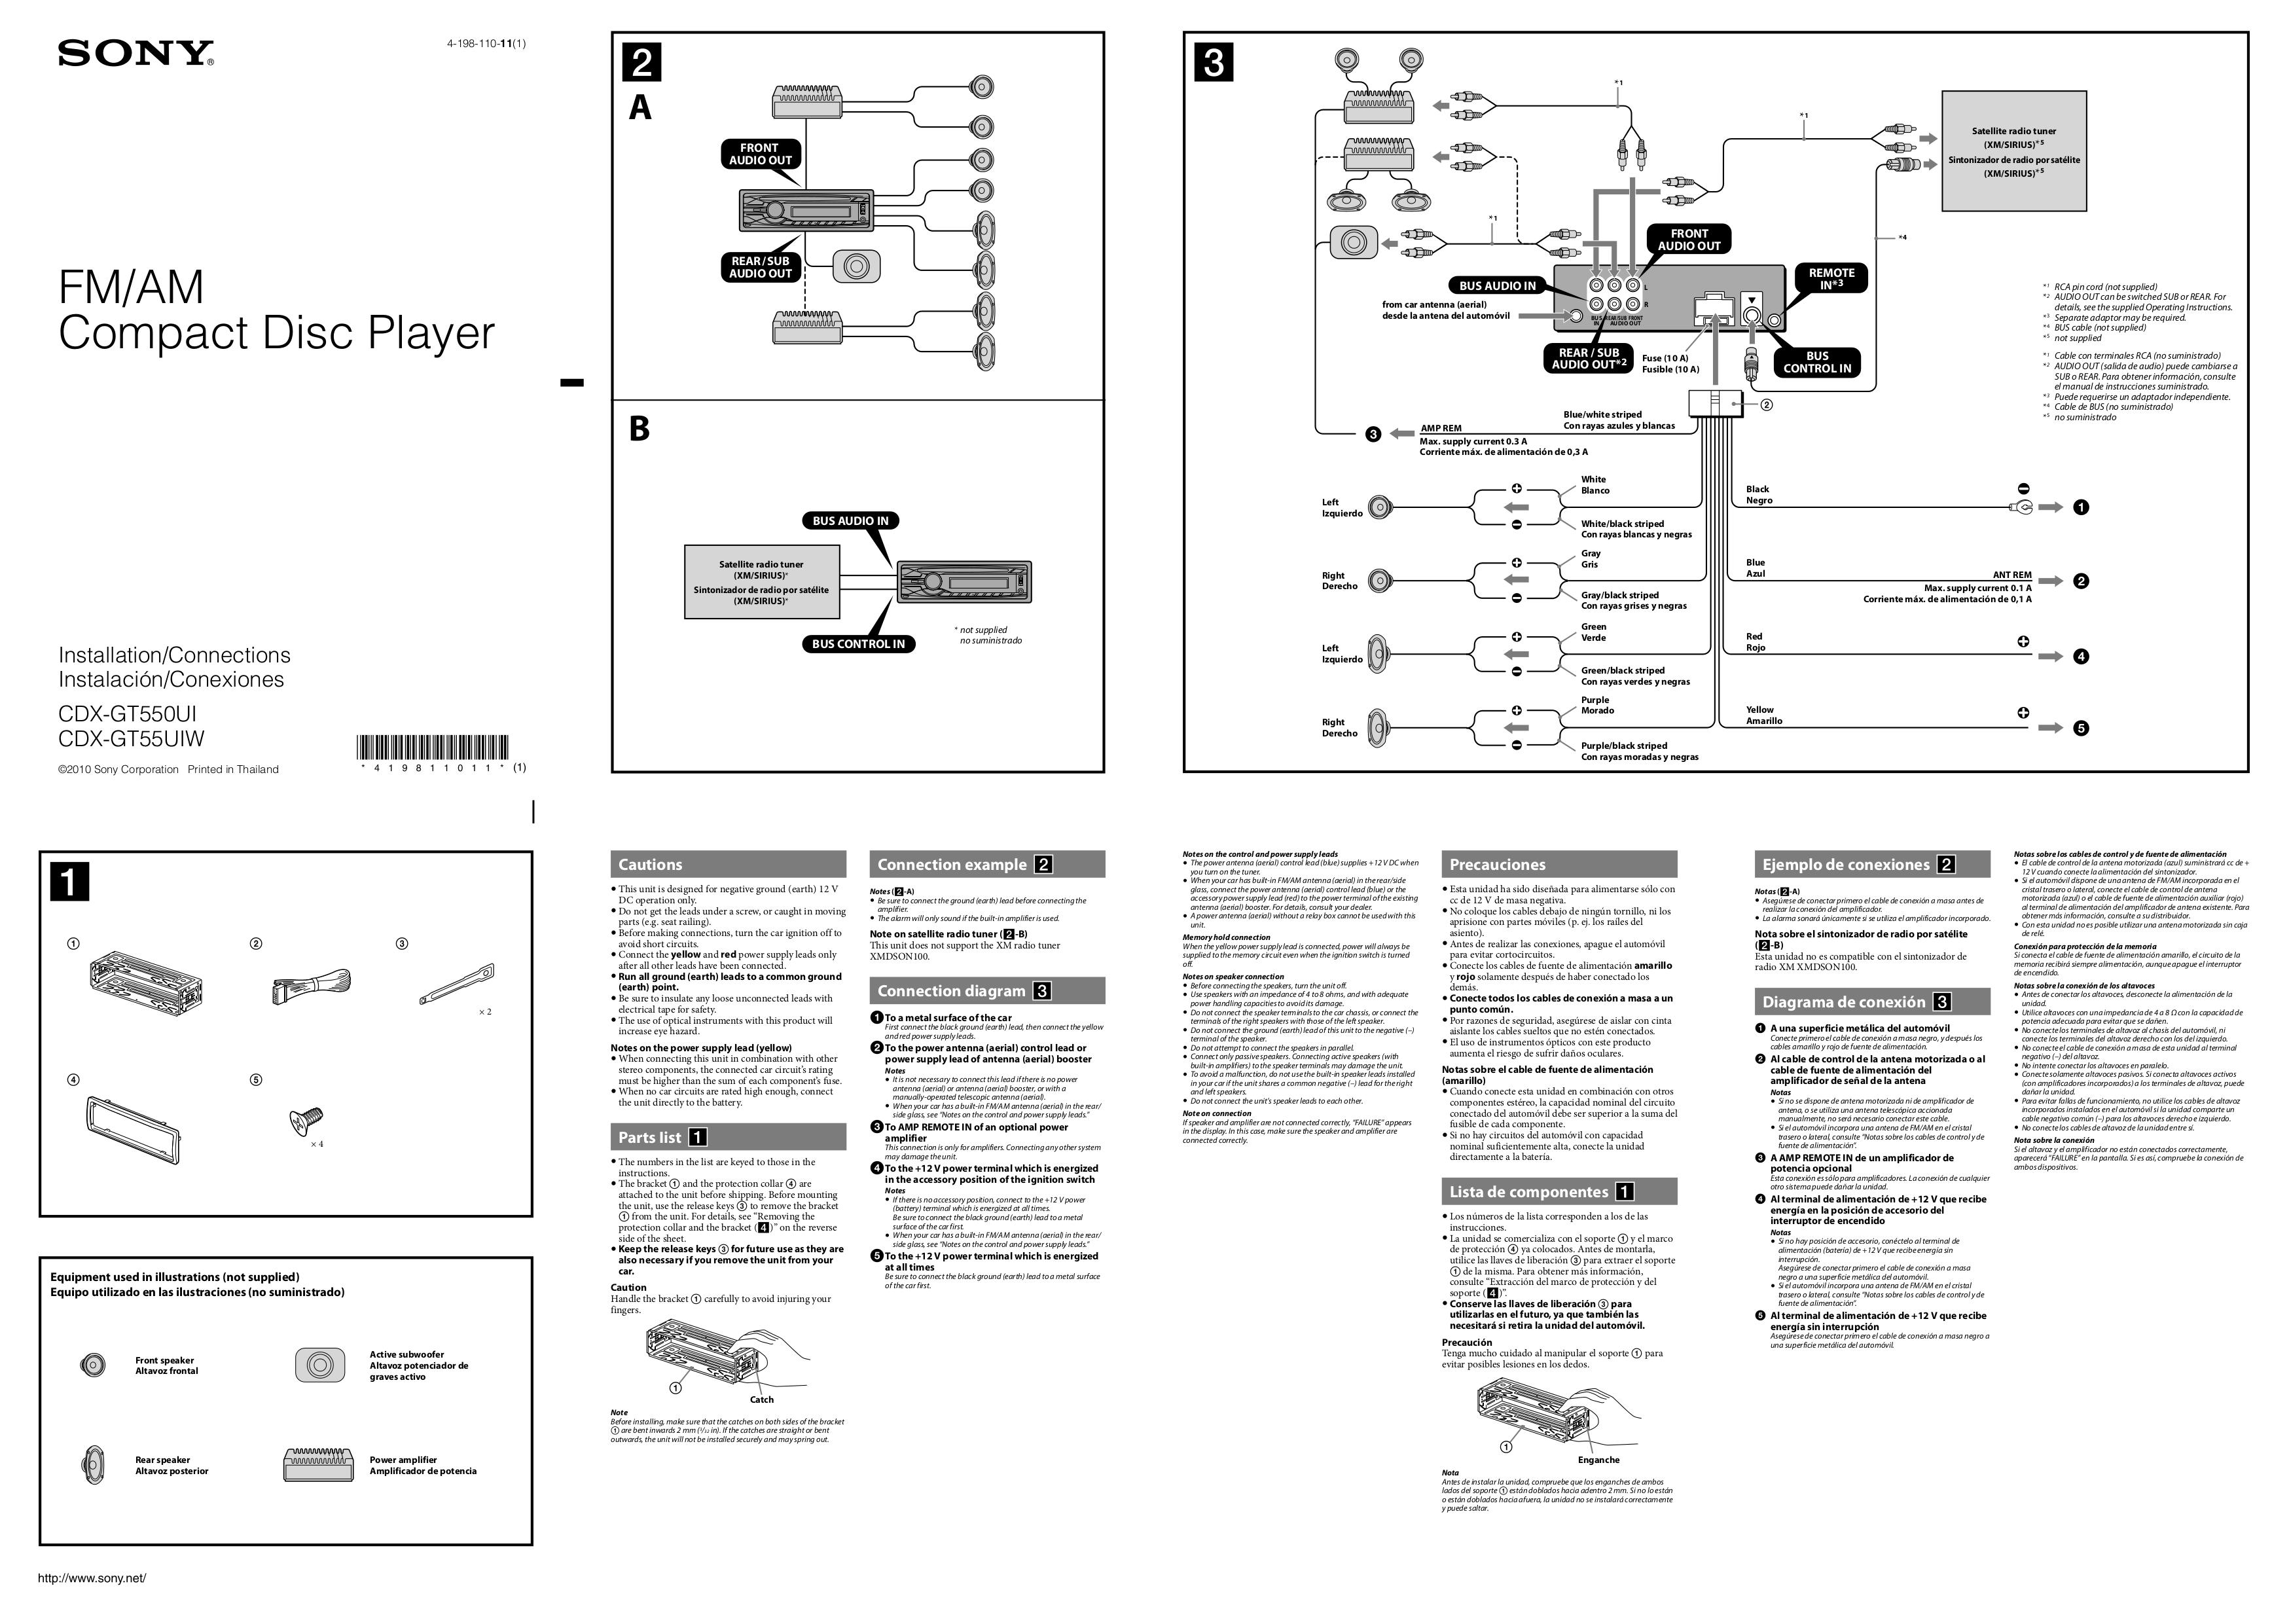 Sony Cdx Gt24W Wiring Diagram from schematron.org